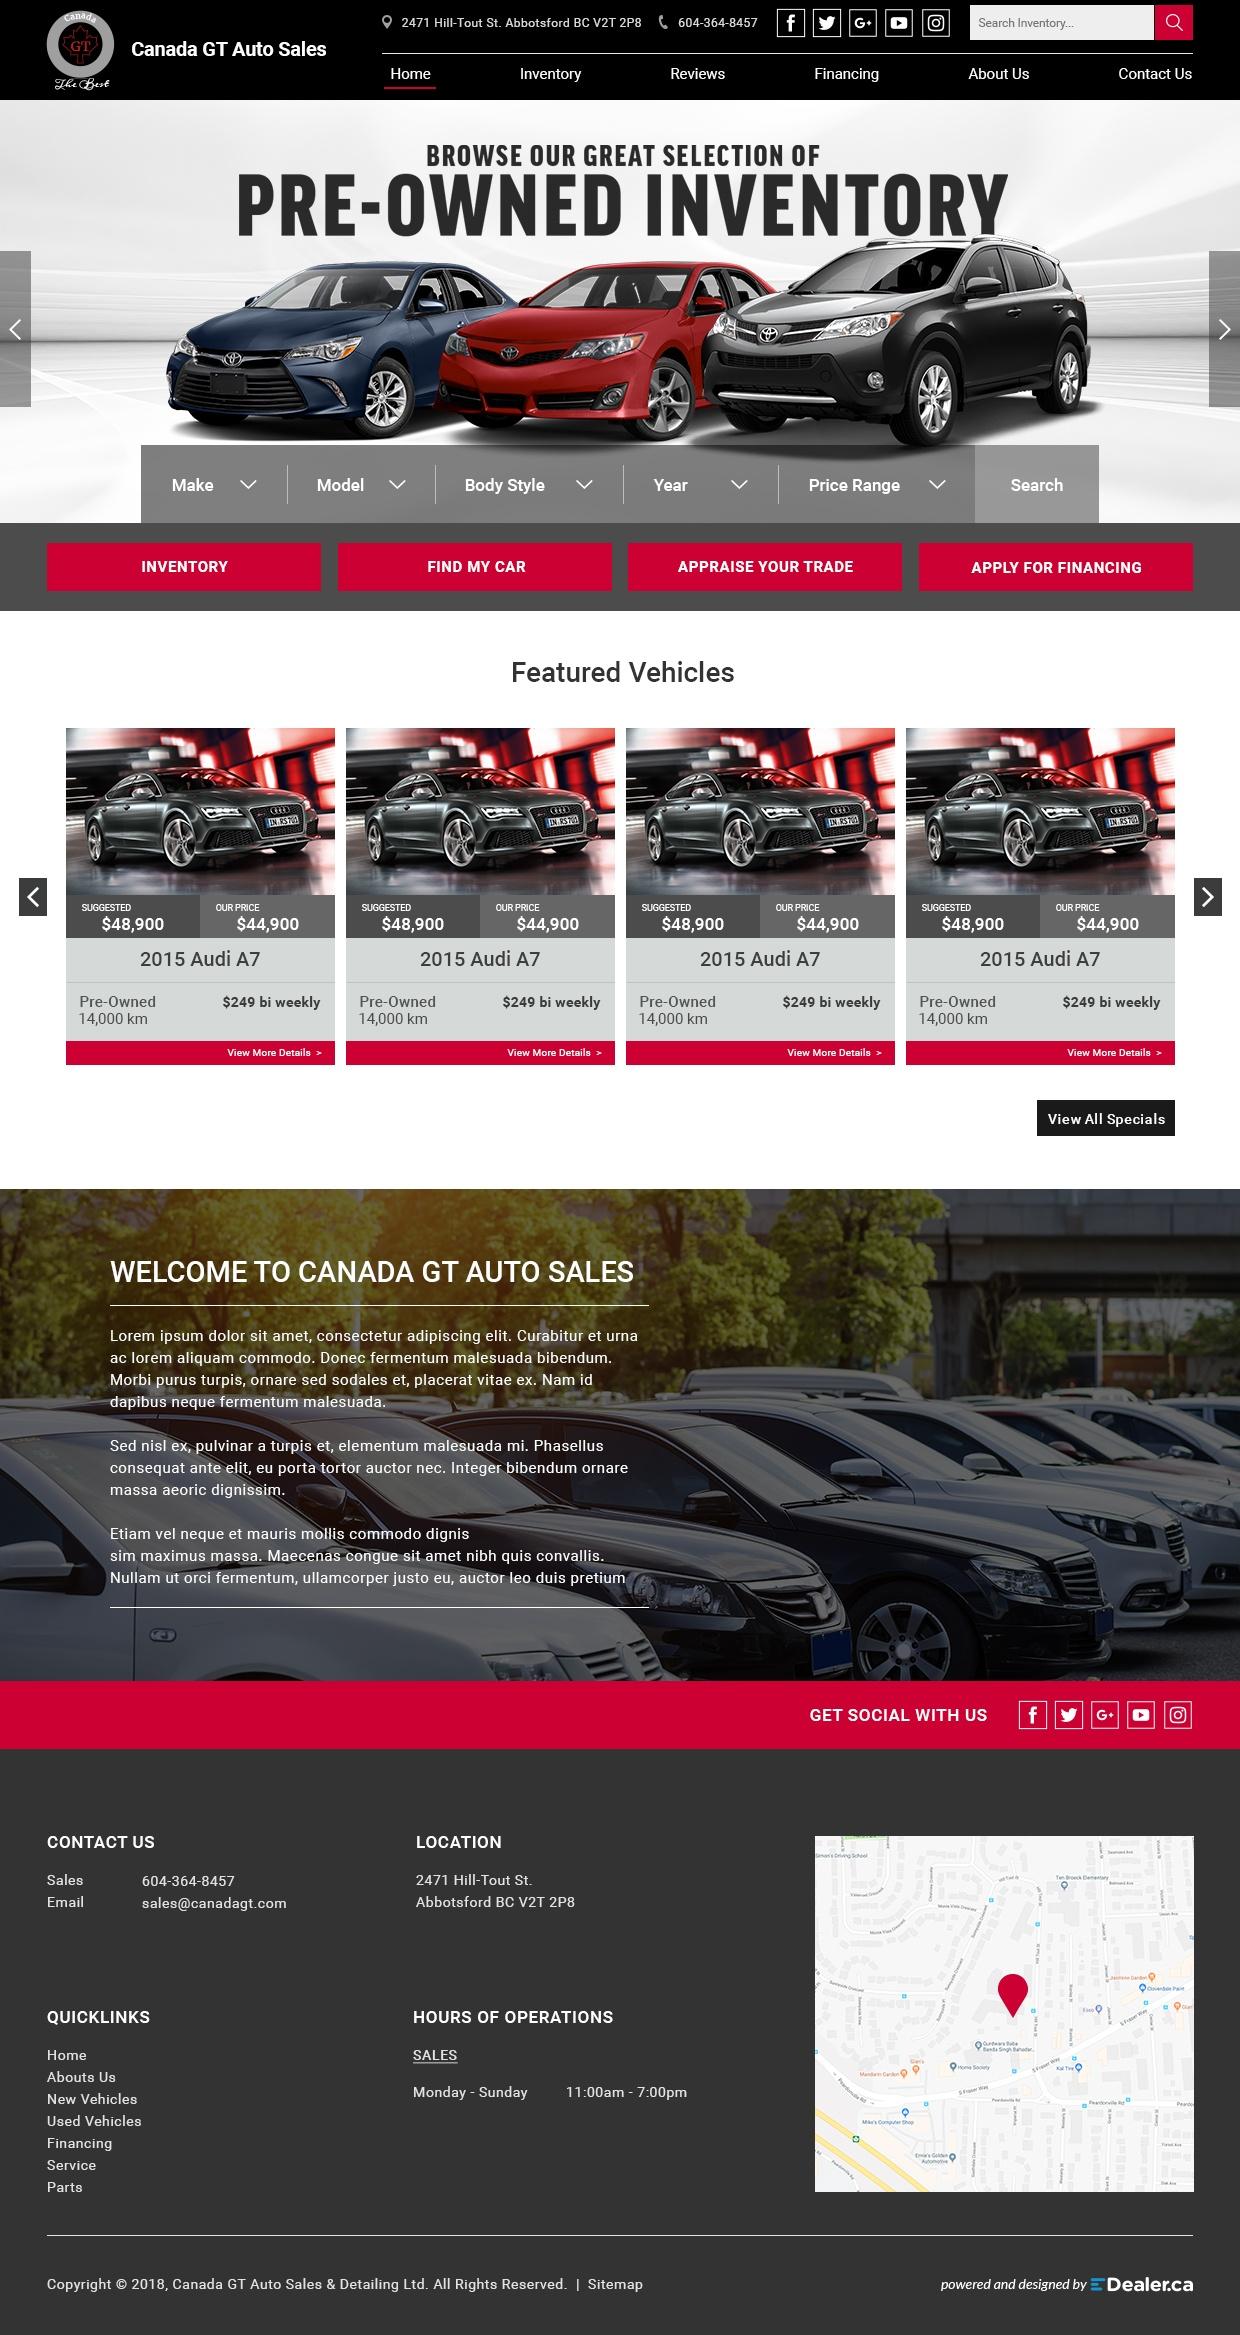 Canada GT Auto Sales